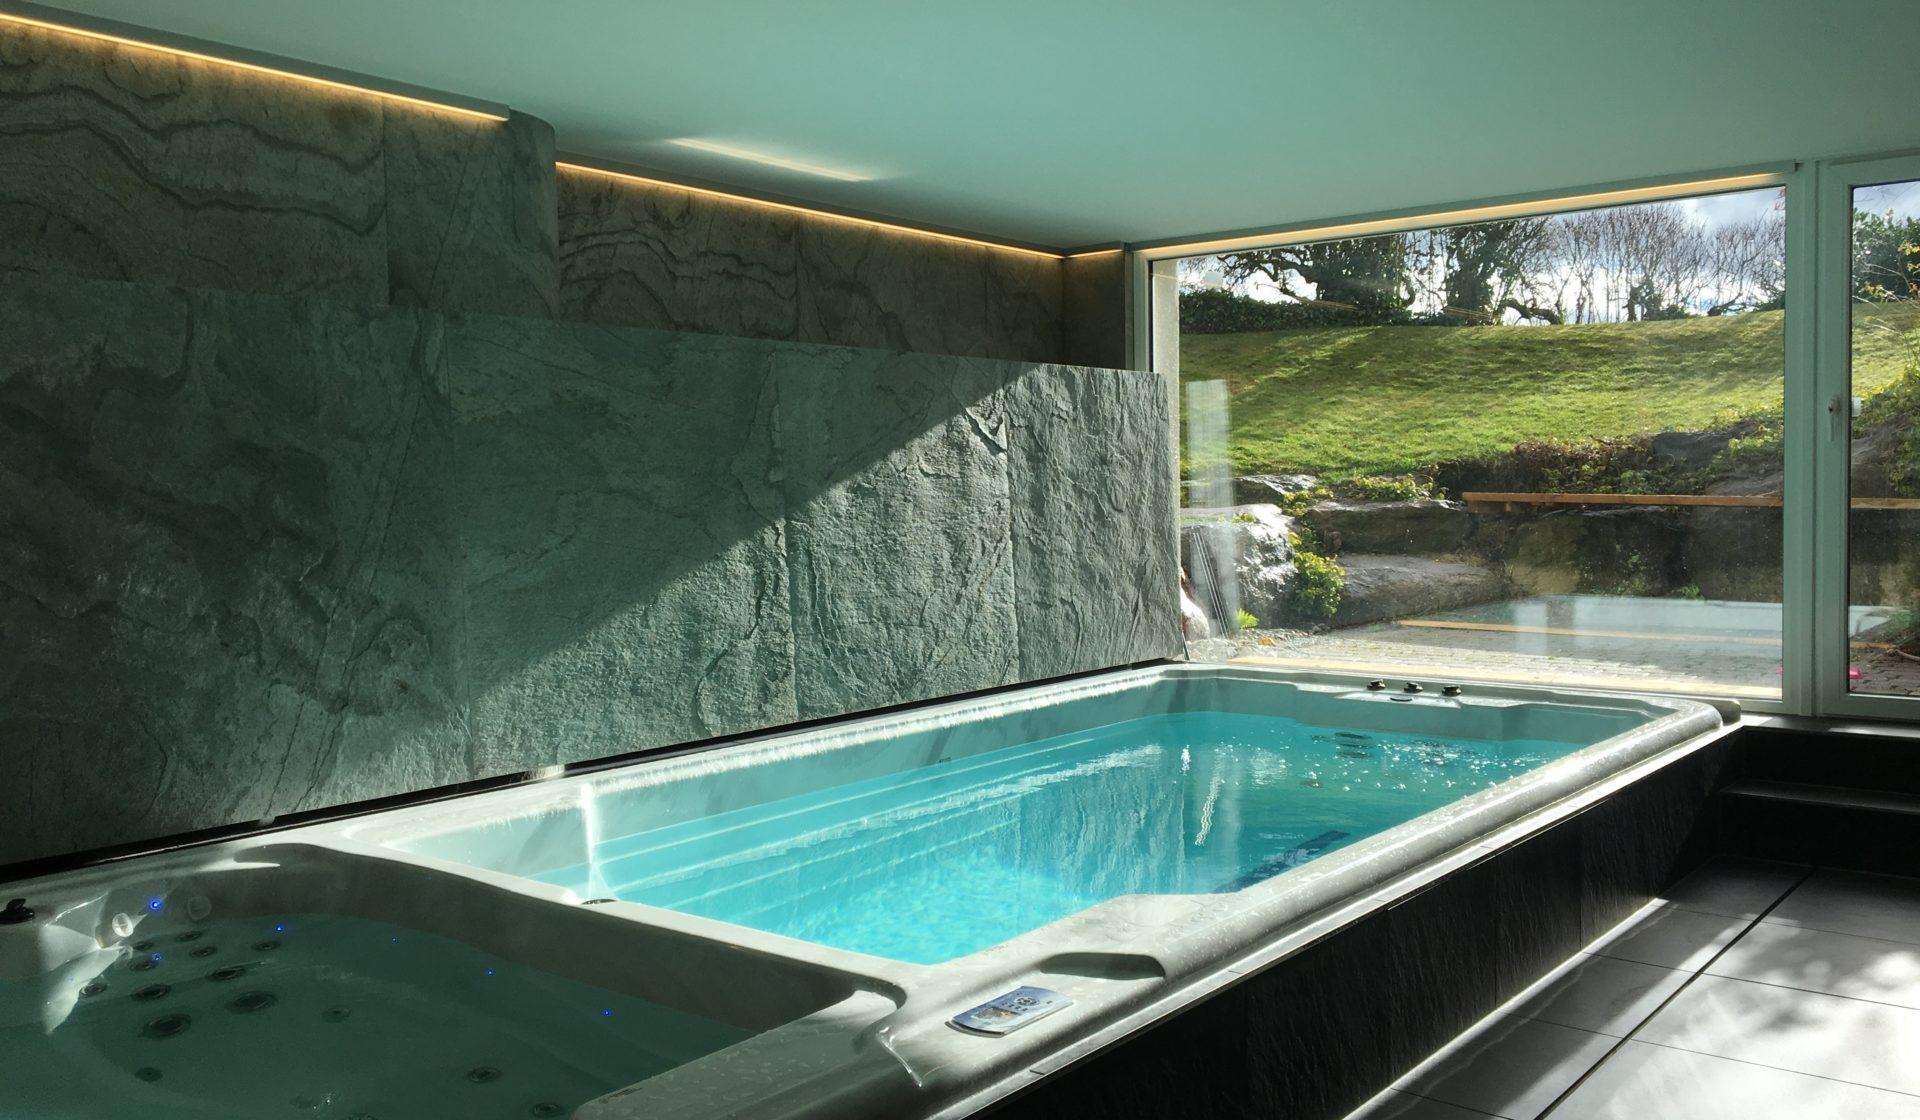 Schwimmspa und Pool Abdeckung klappbar faltbar hydraulisch automatisch